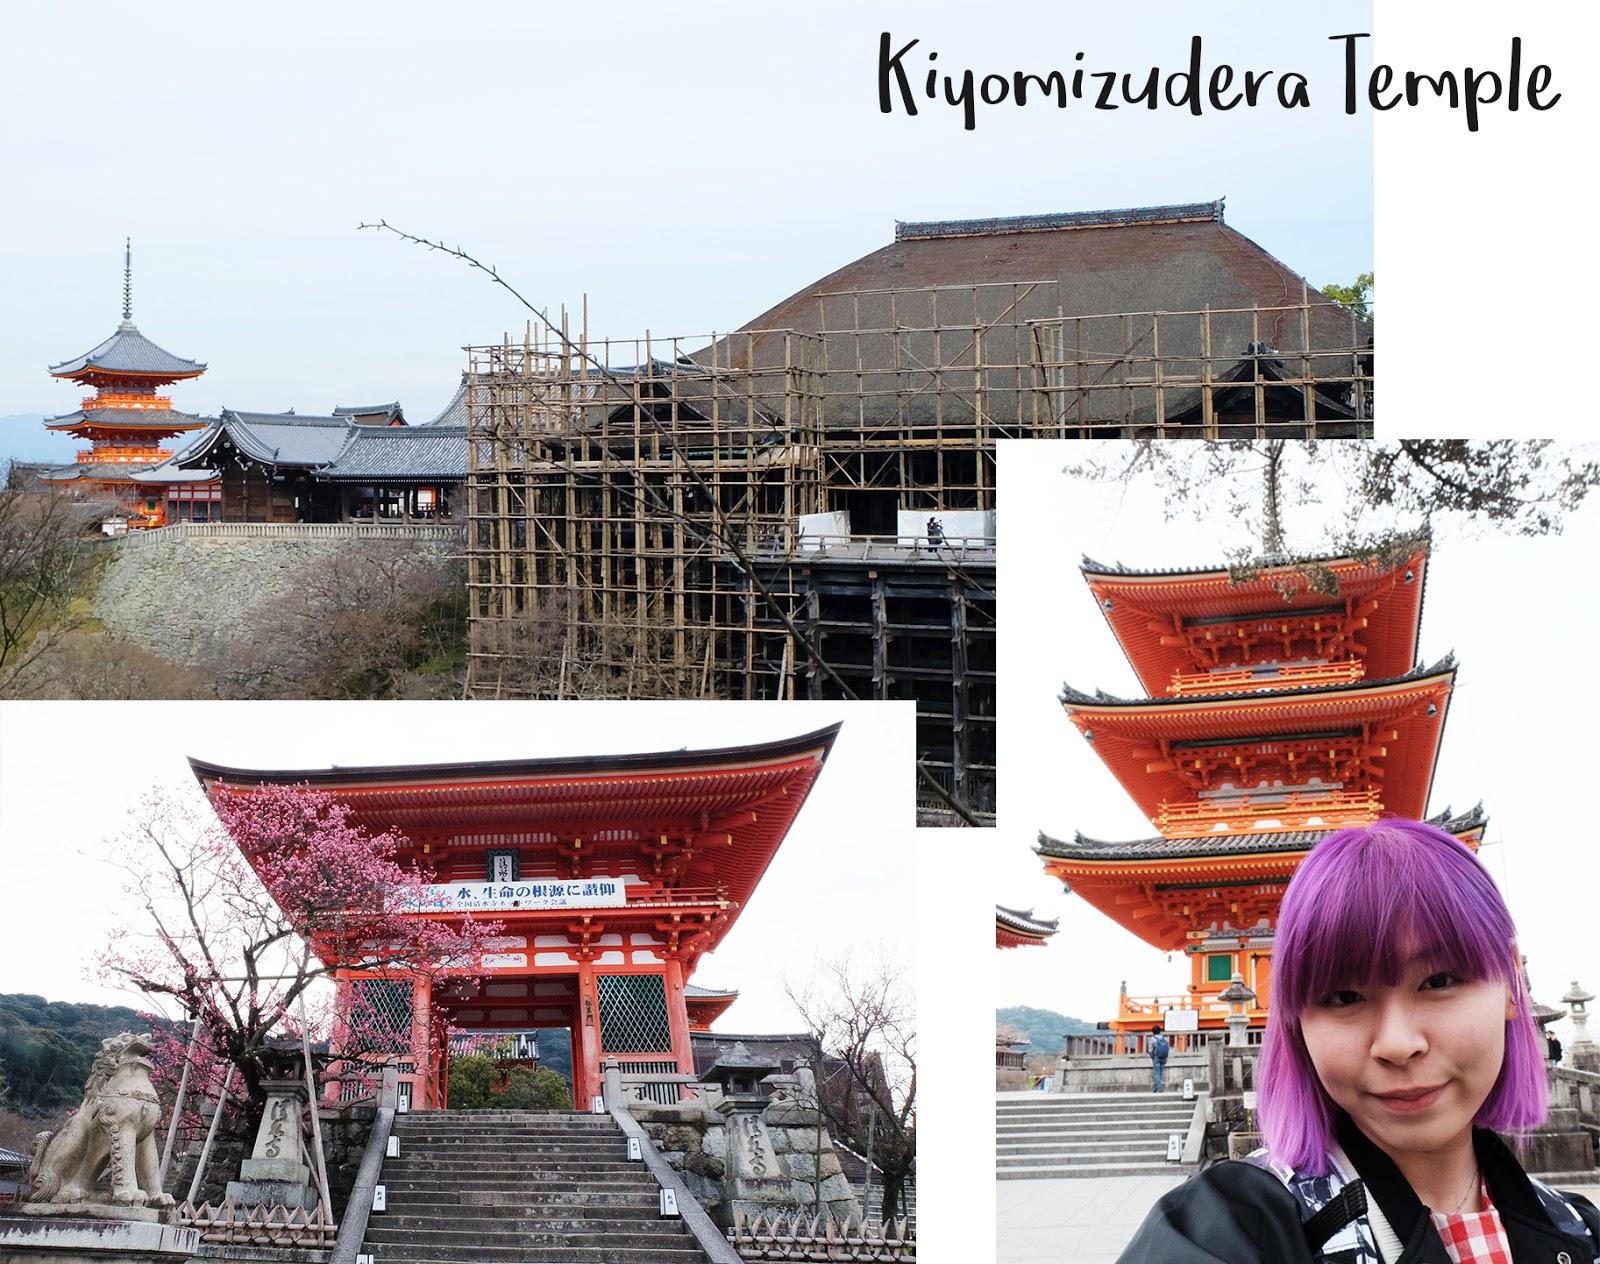 One Day 6 places Kyoto Kiyomizudera | www.bigdreamerblog.com